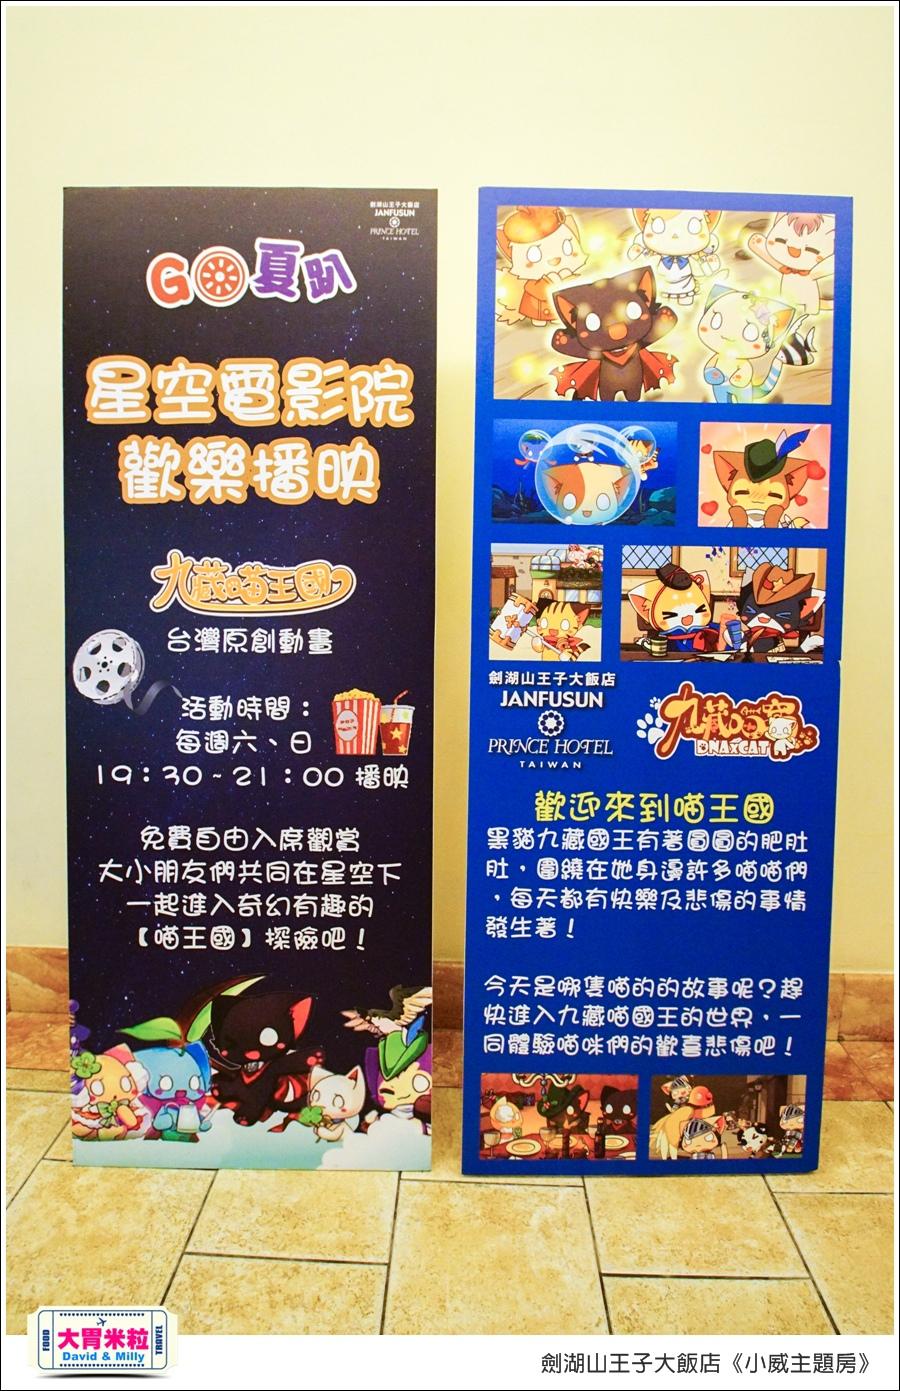 劍湖山王子大飯店-小威主題房@大胃米粒0017.jpg